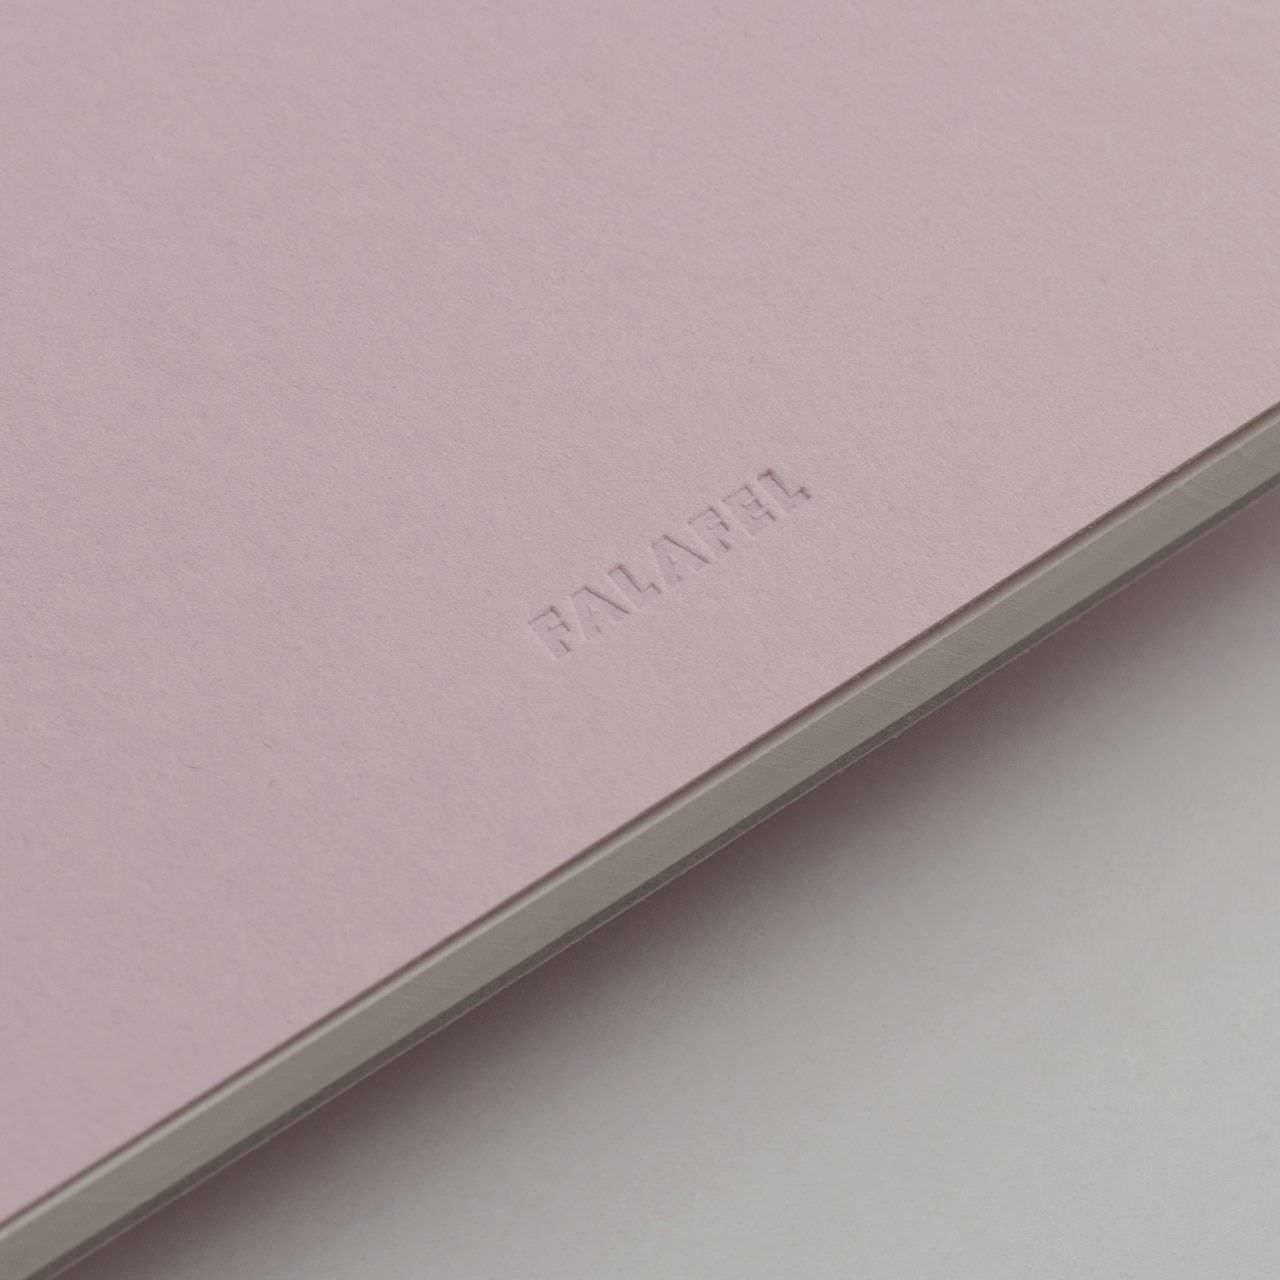 A5 Розовый скетчбук с перфорацией Falafel books Sketchbook Pale Pink